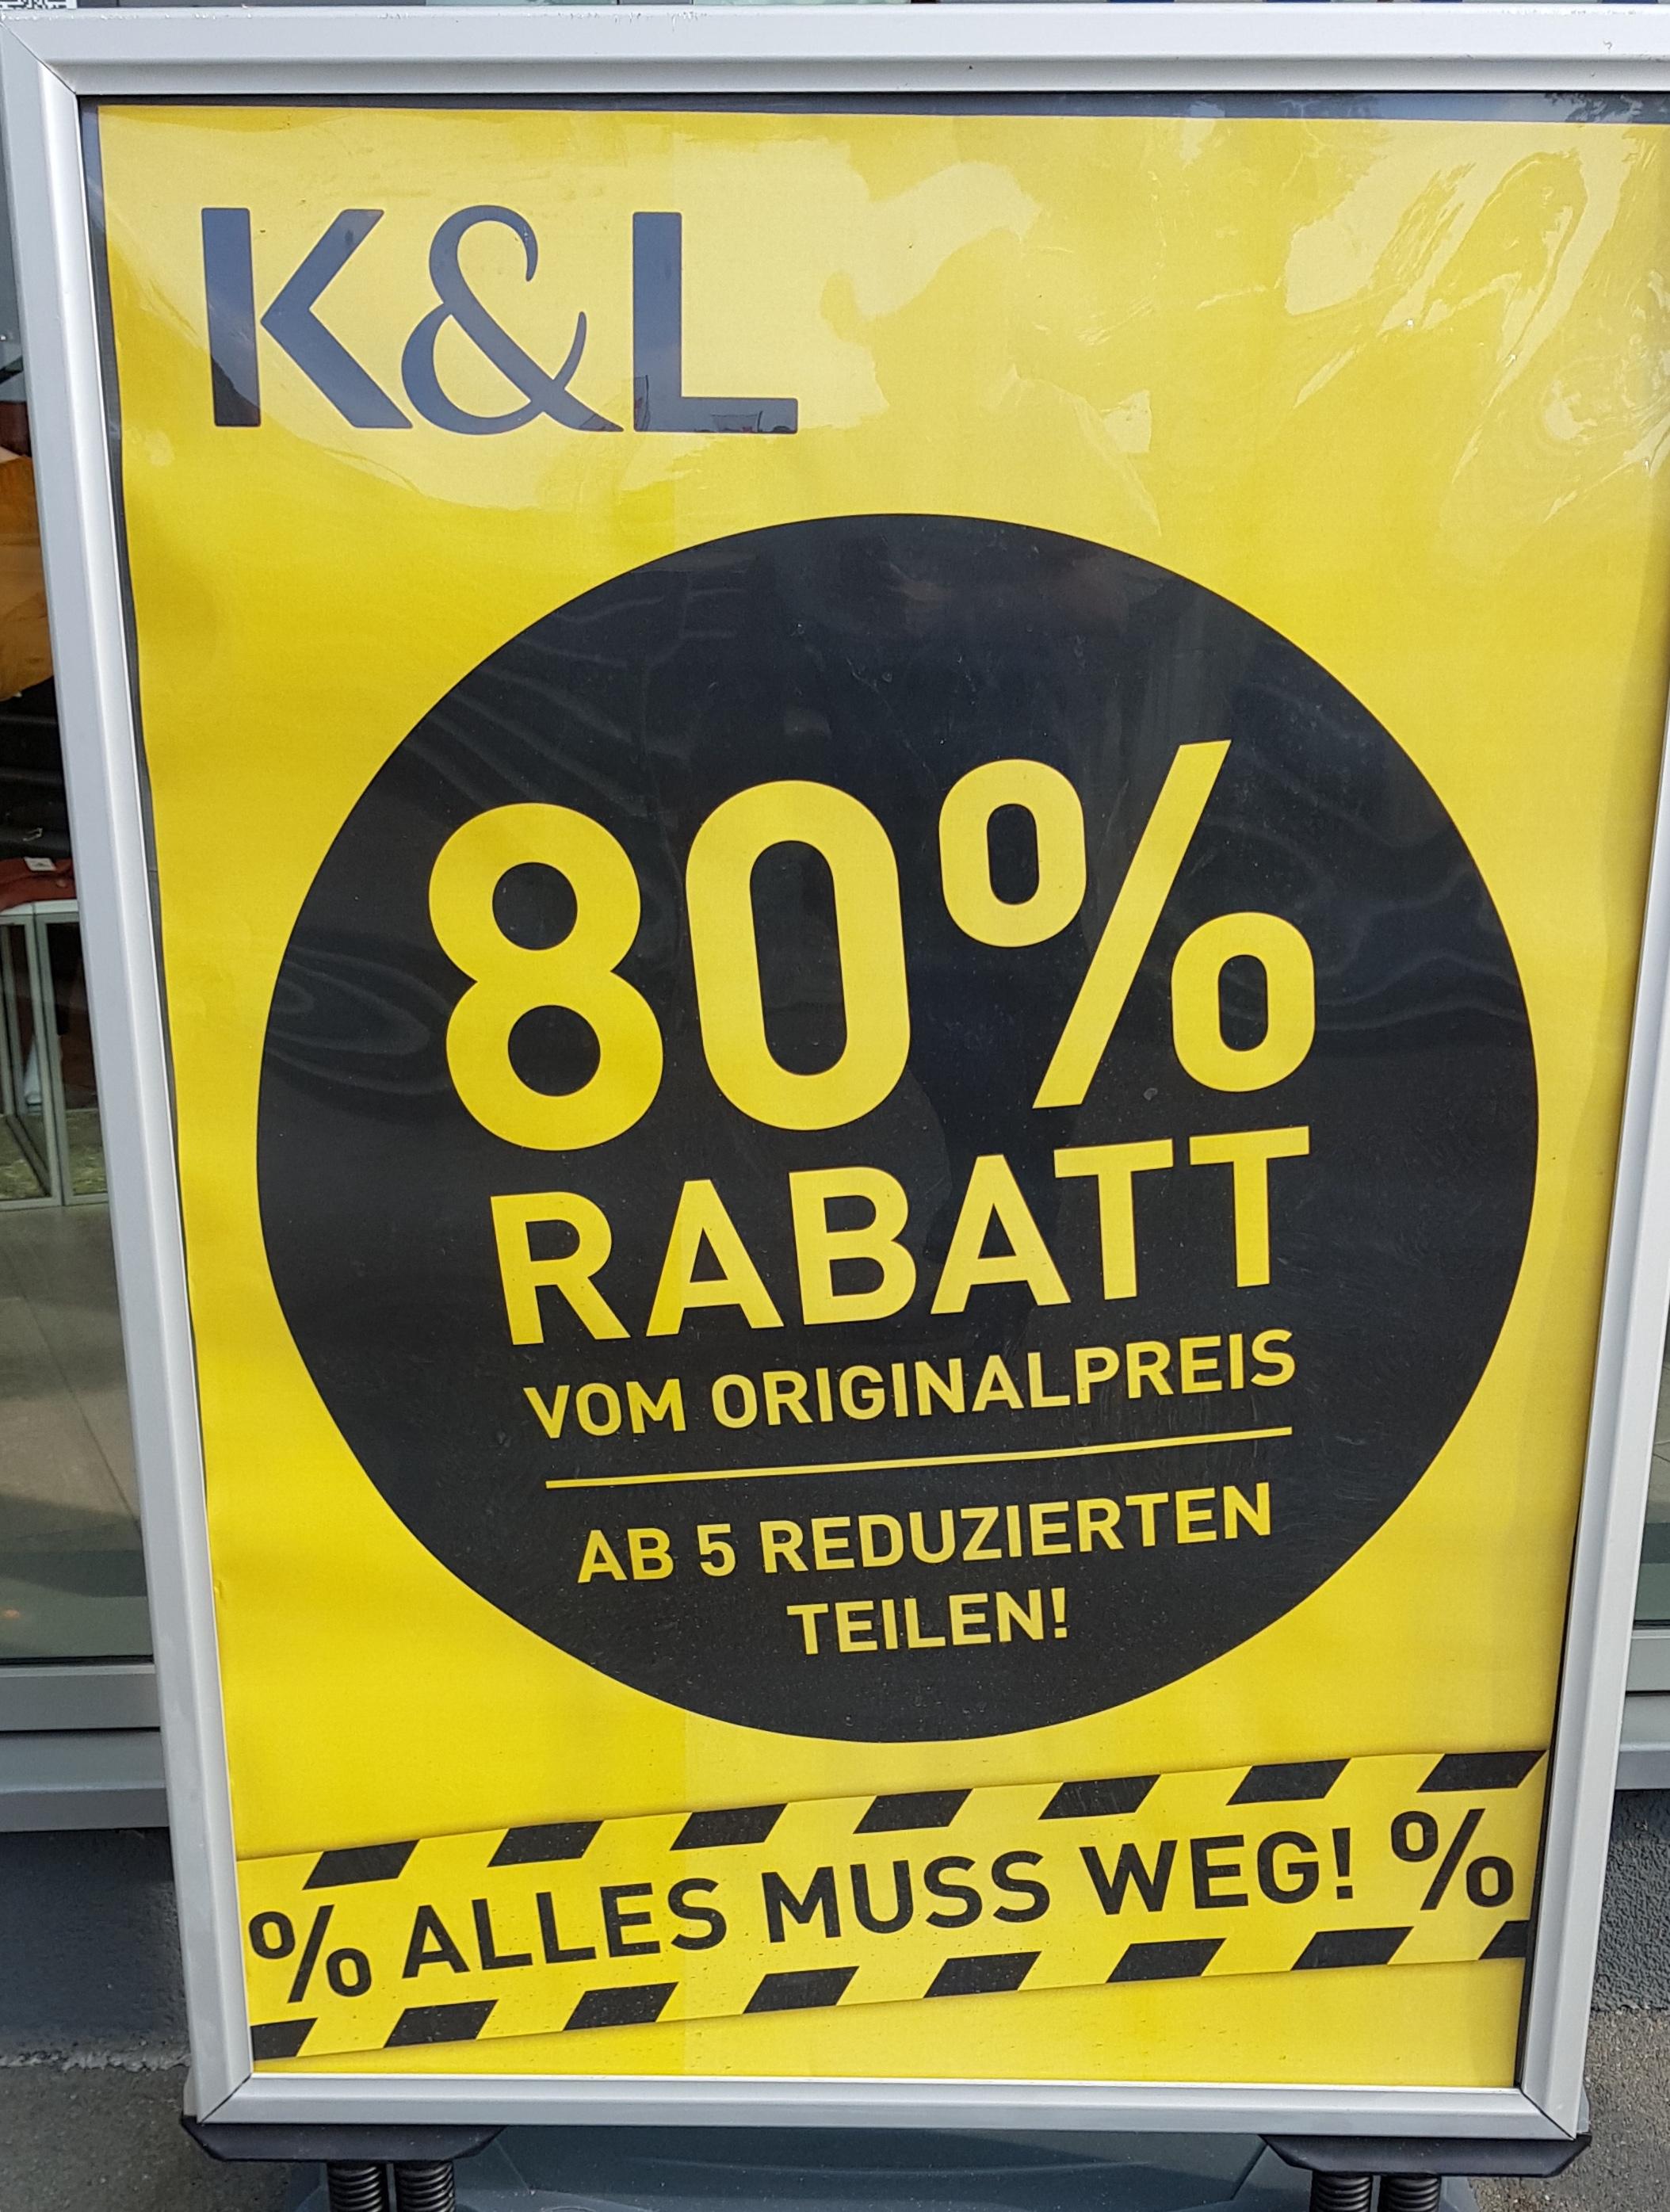 [offline] K&L 80% Rabatt auf den UVP beim Kauf 5 reduzierten Teilen